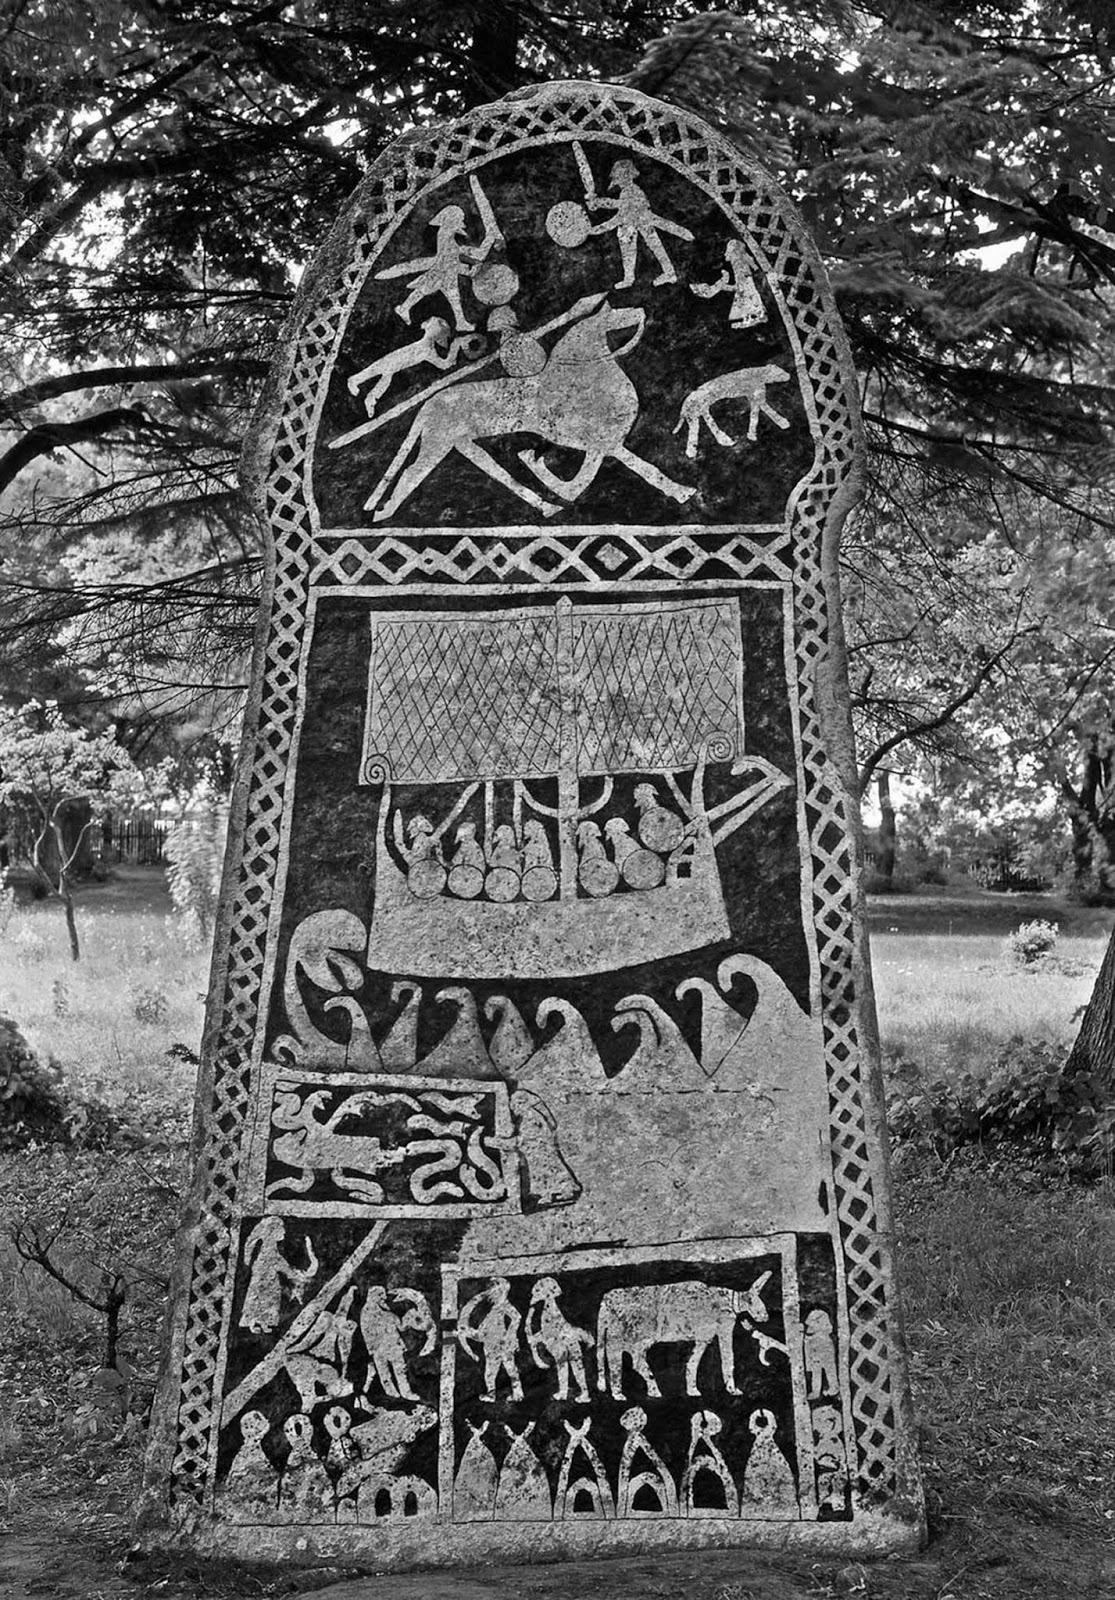 Las impresionantes piedras rúnicas vikingas de la campiña sueca, 1899-1945